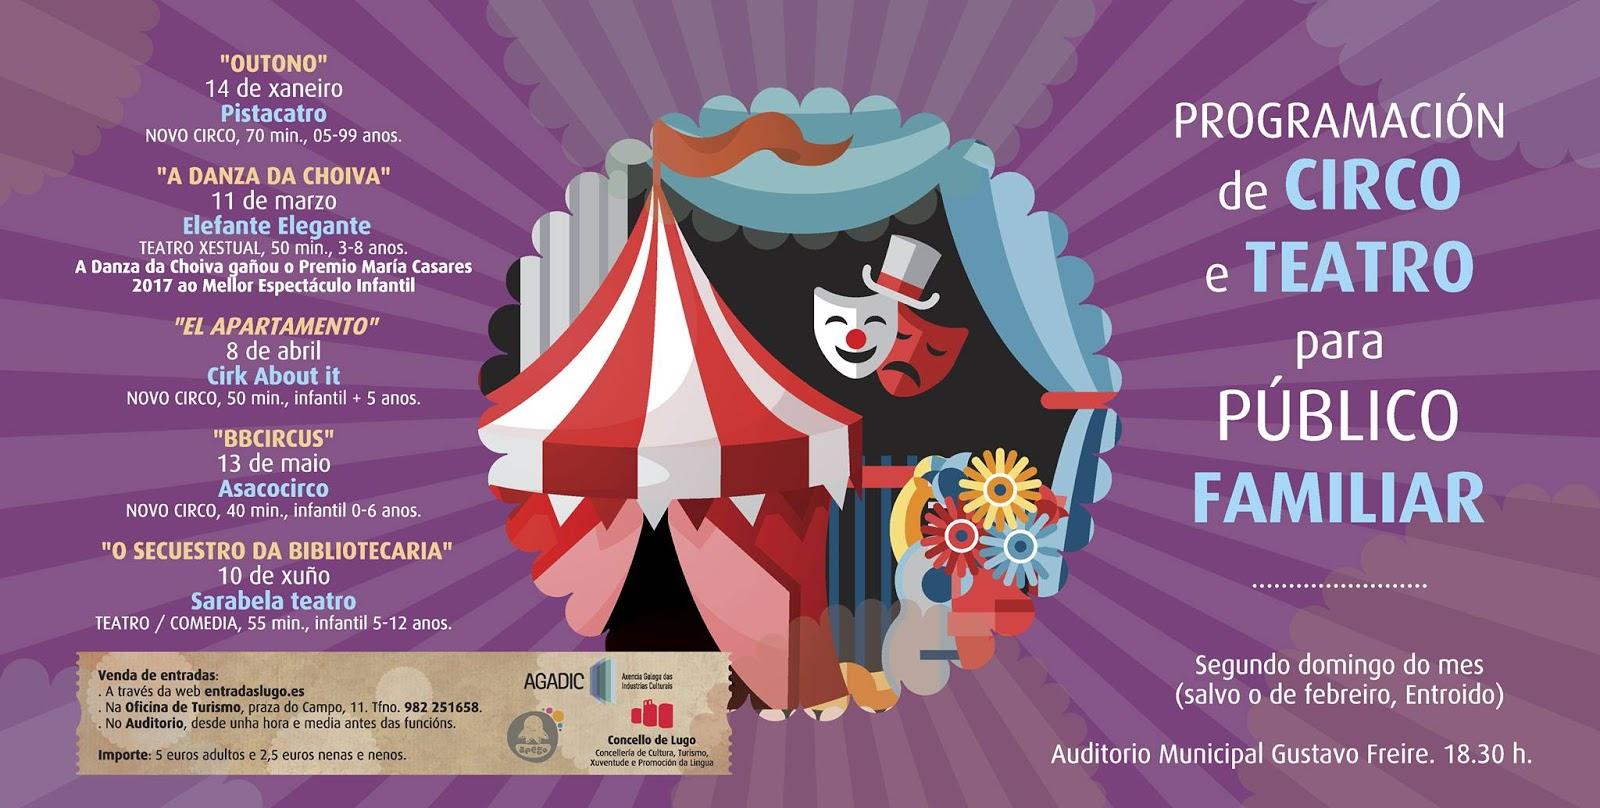 Programación de Circo e Teatro para Público Familiar